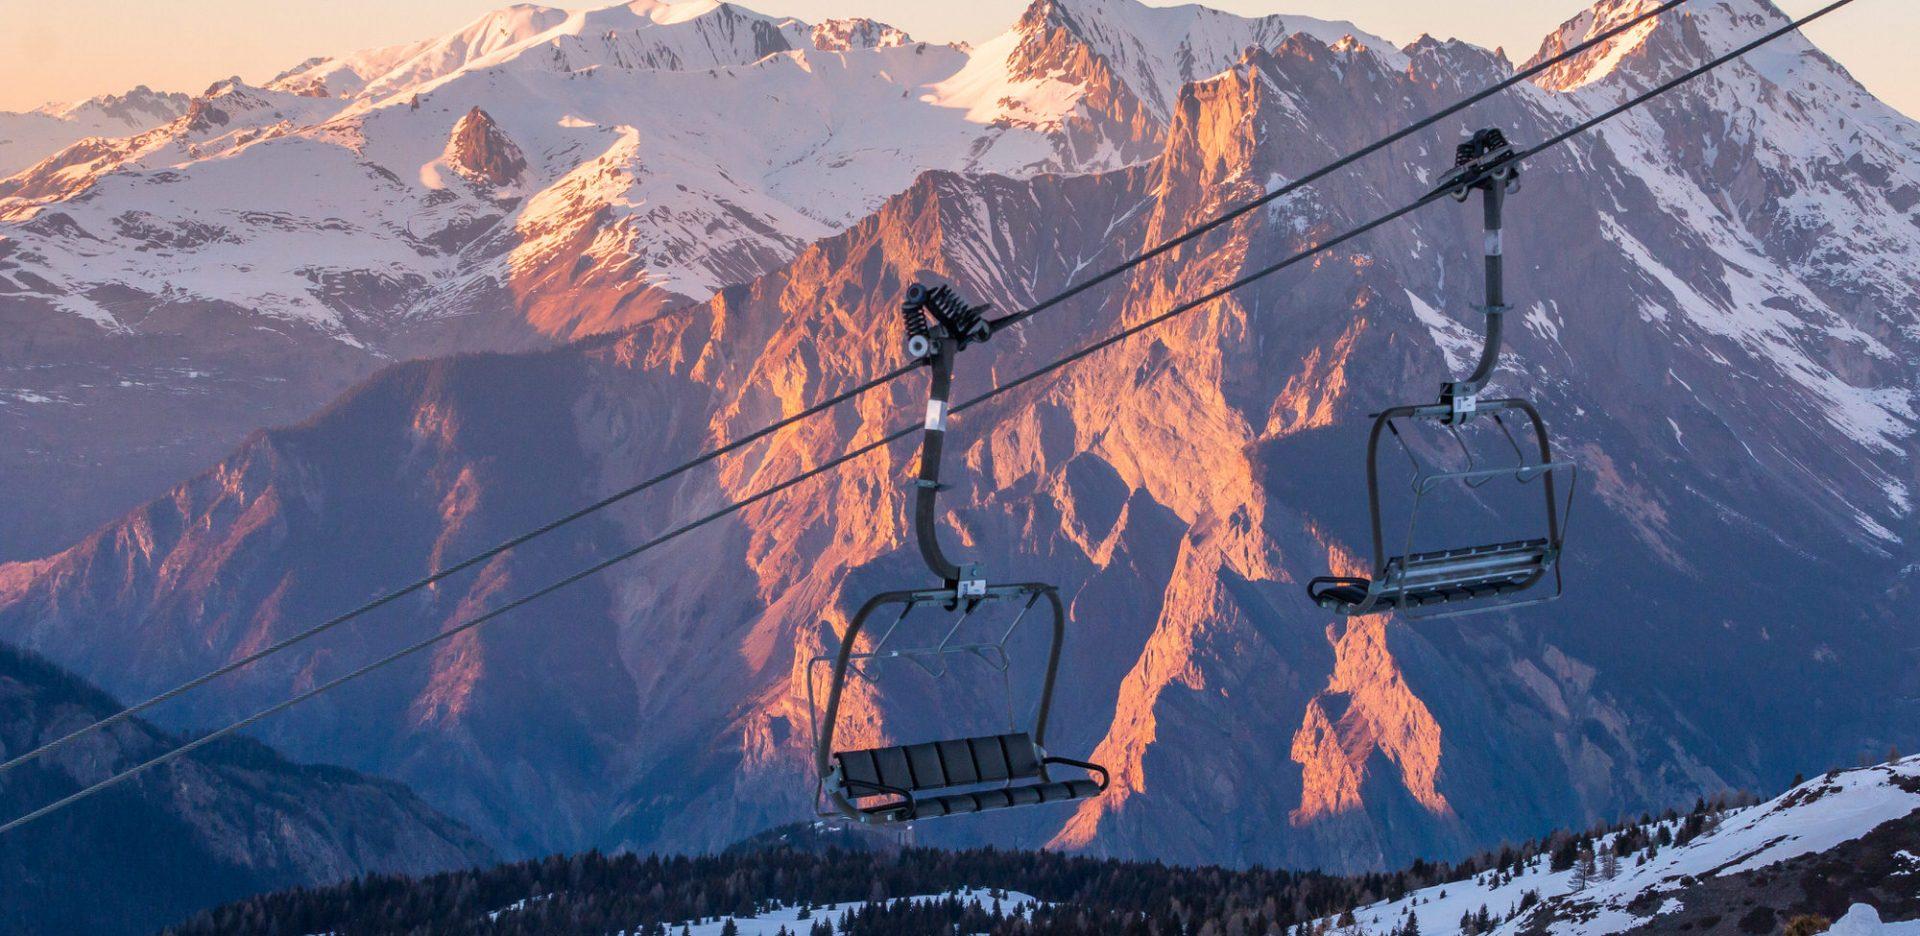 Télésiège du domaine skiable de valloire